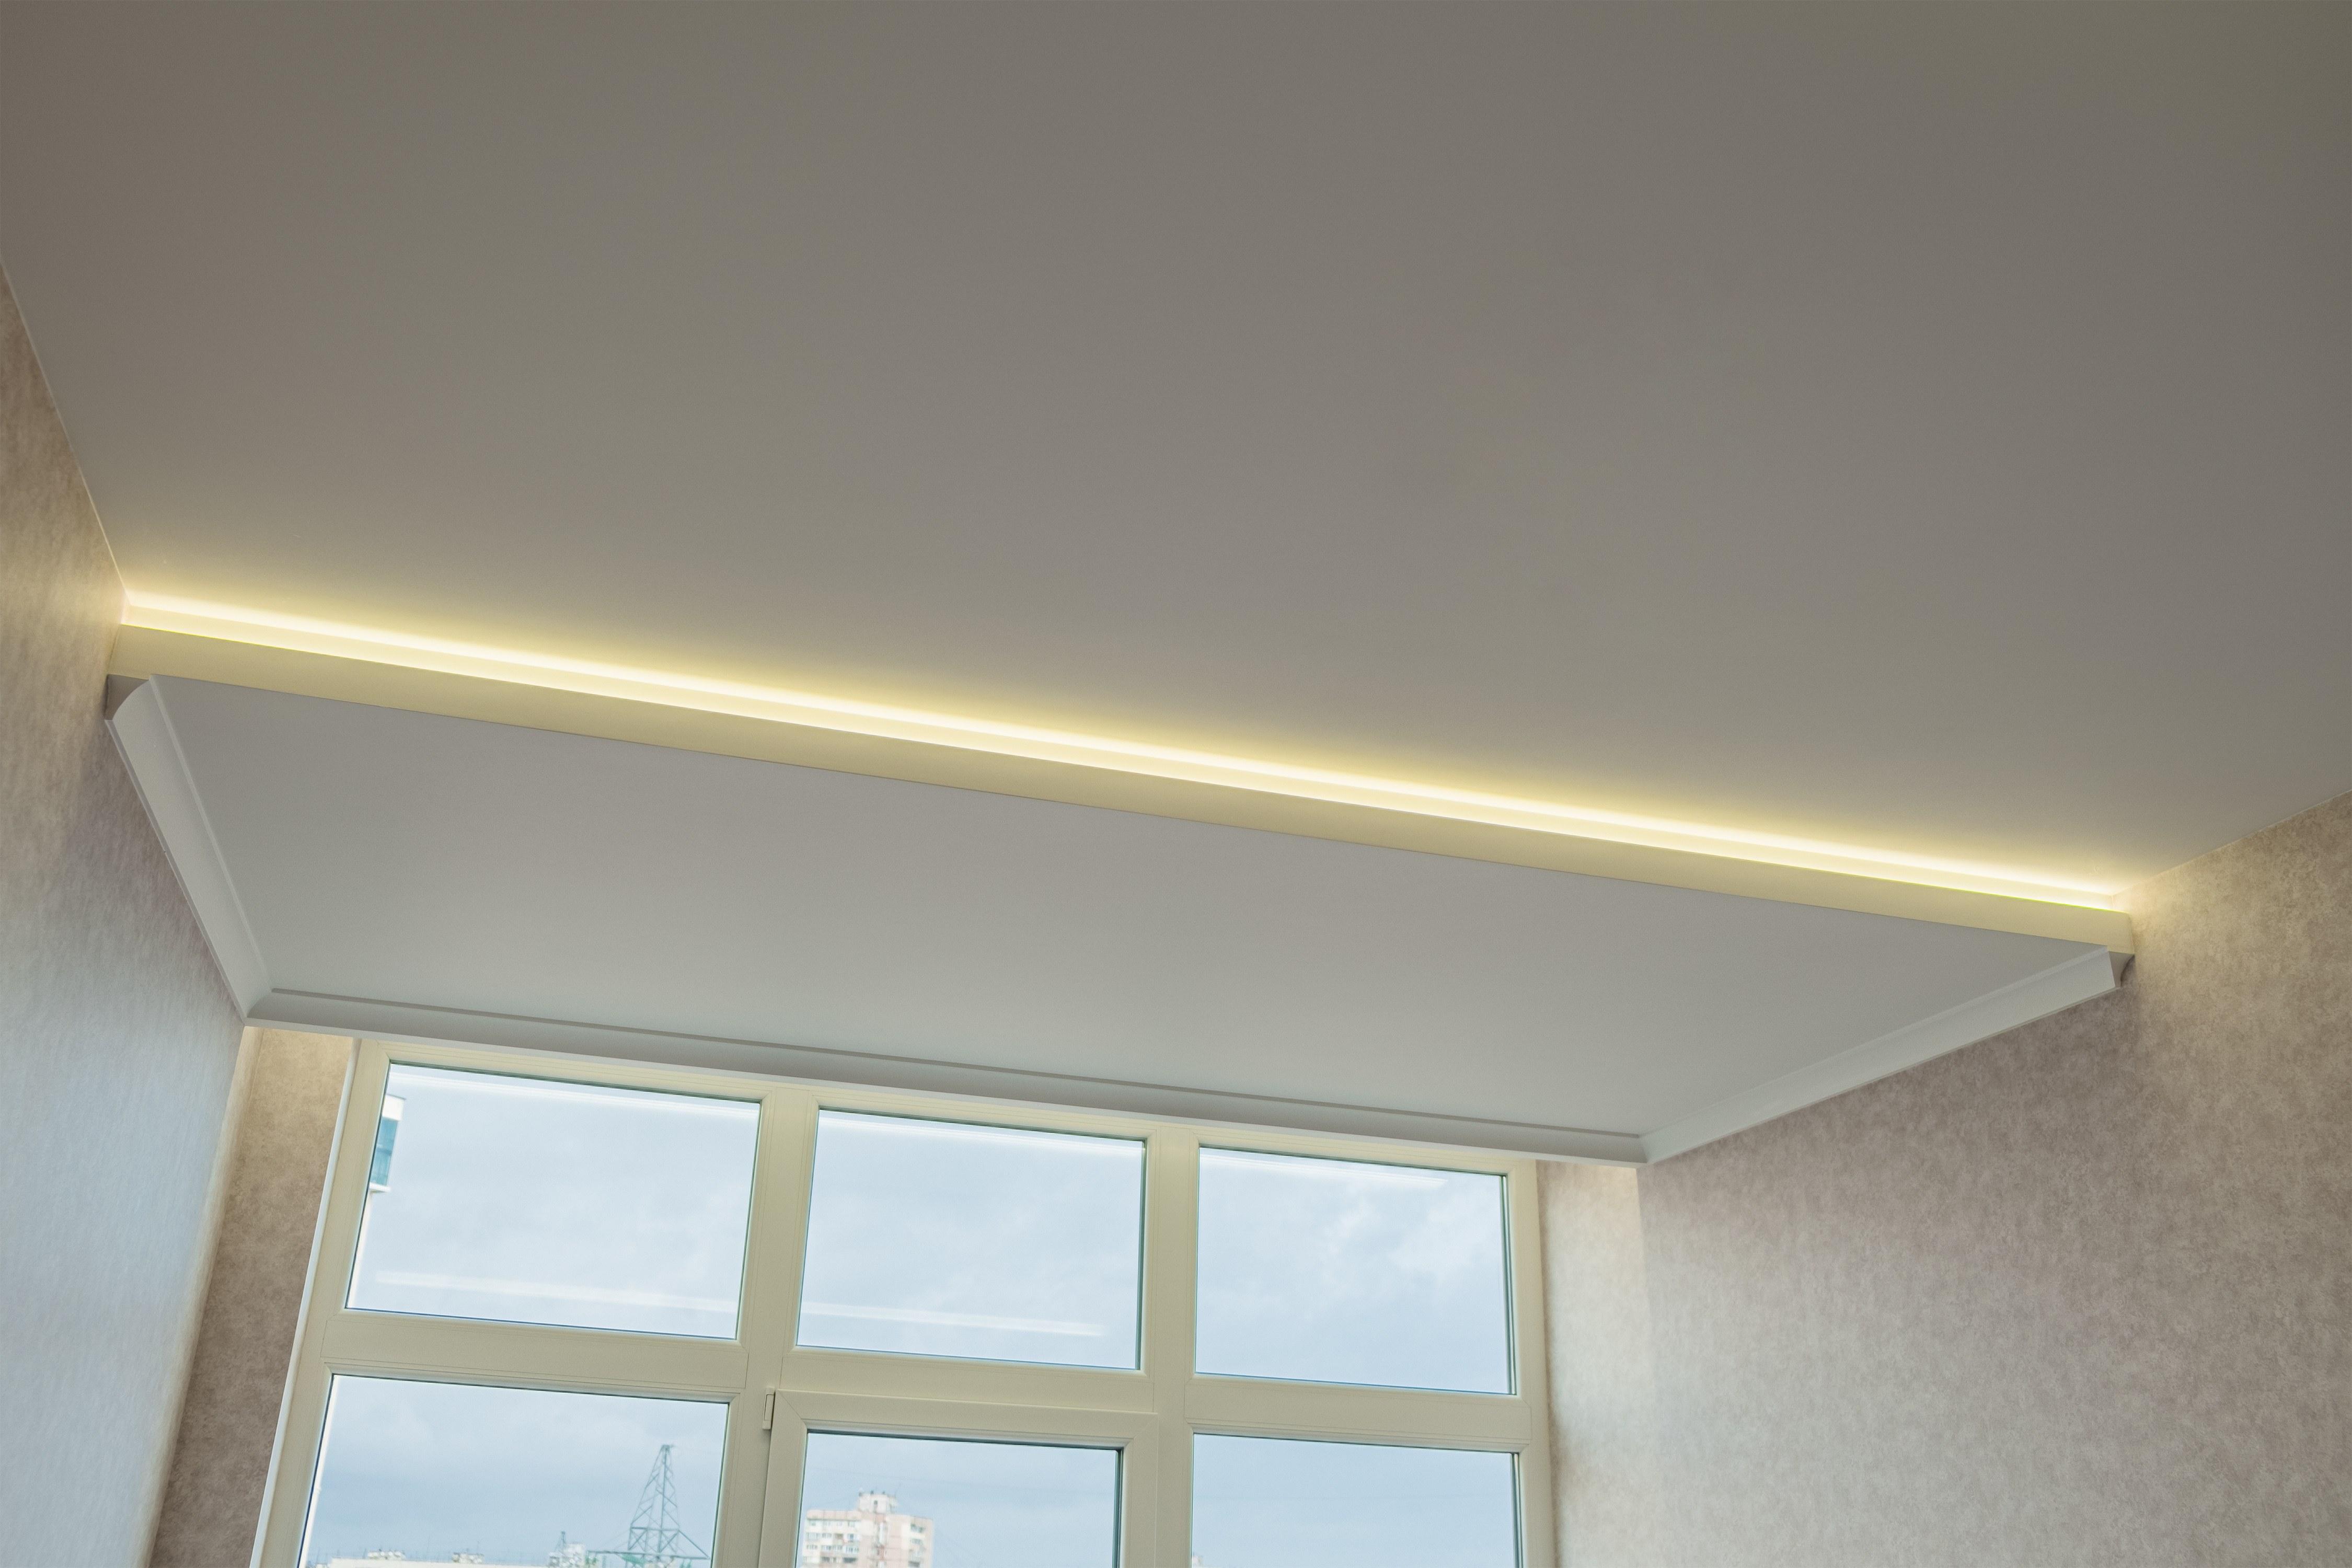 Гипсокартонный потолок после ремонта комнаты 29-я Жемчужина